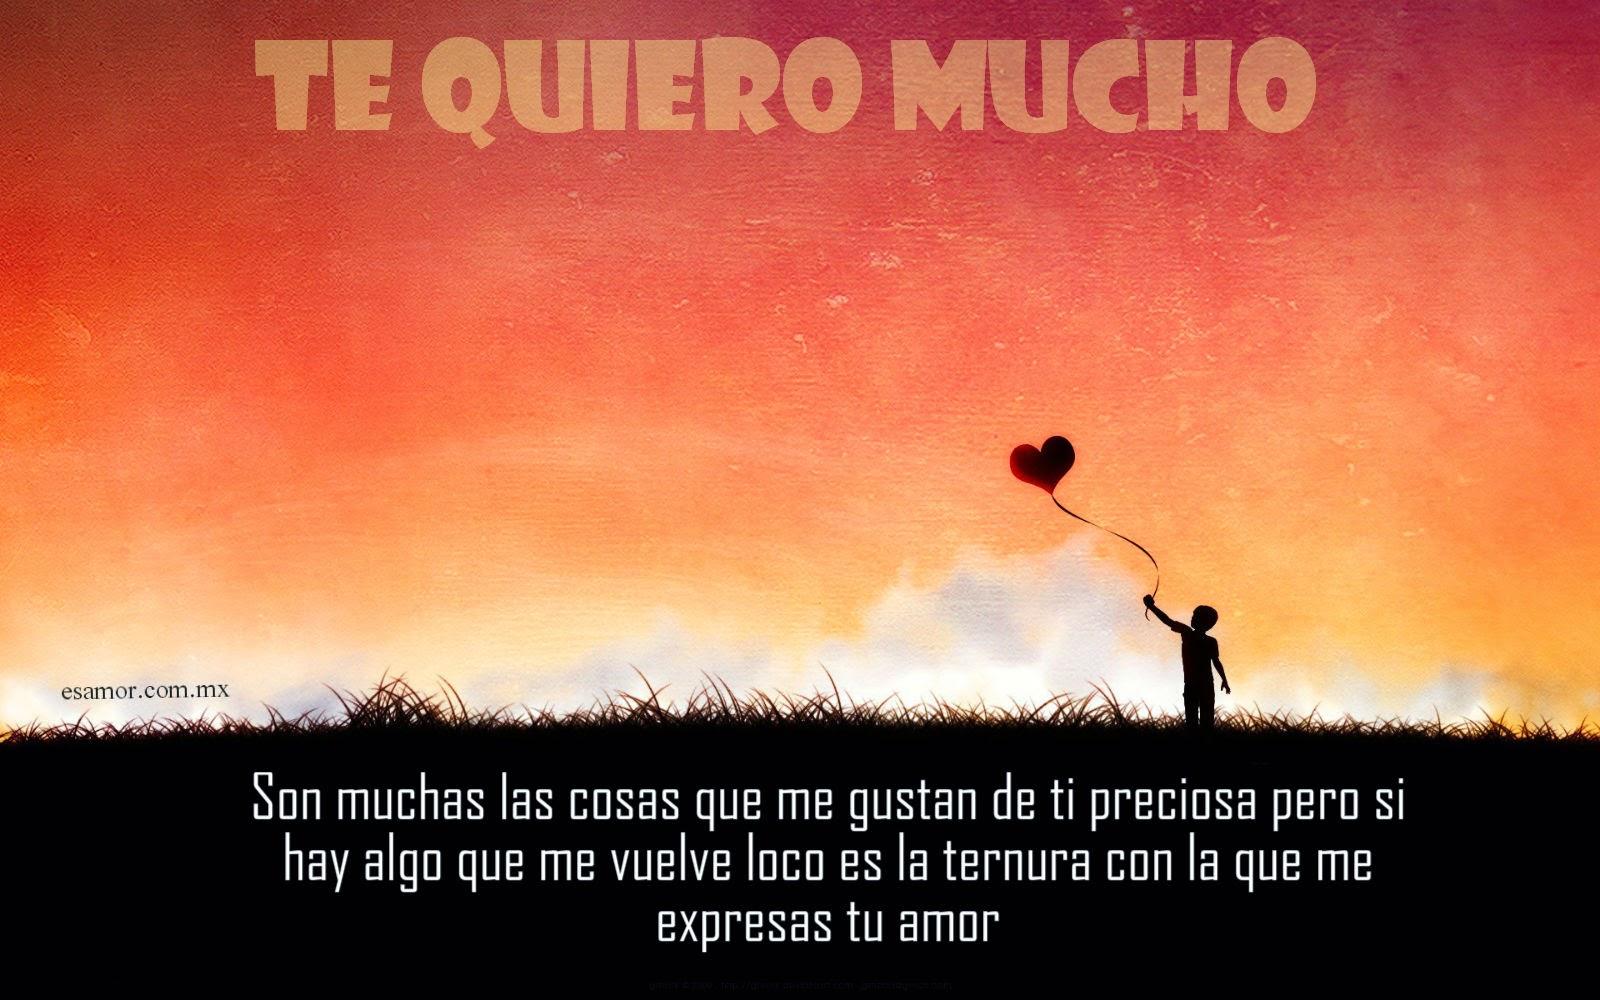 Imagenes Con Mensajes De Amor: Imágenes De Amor, Frases, Tips De Belleza Y Salud: Cartas